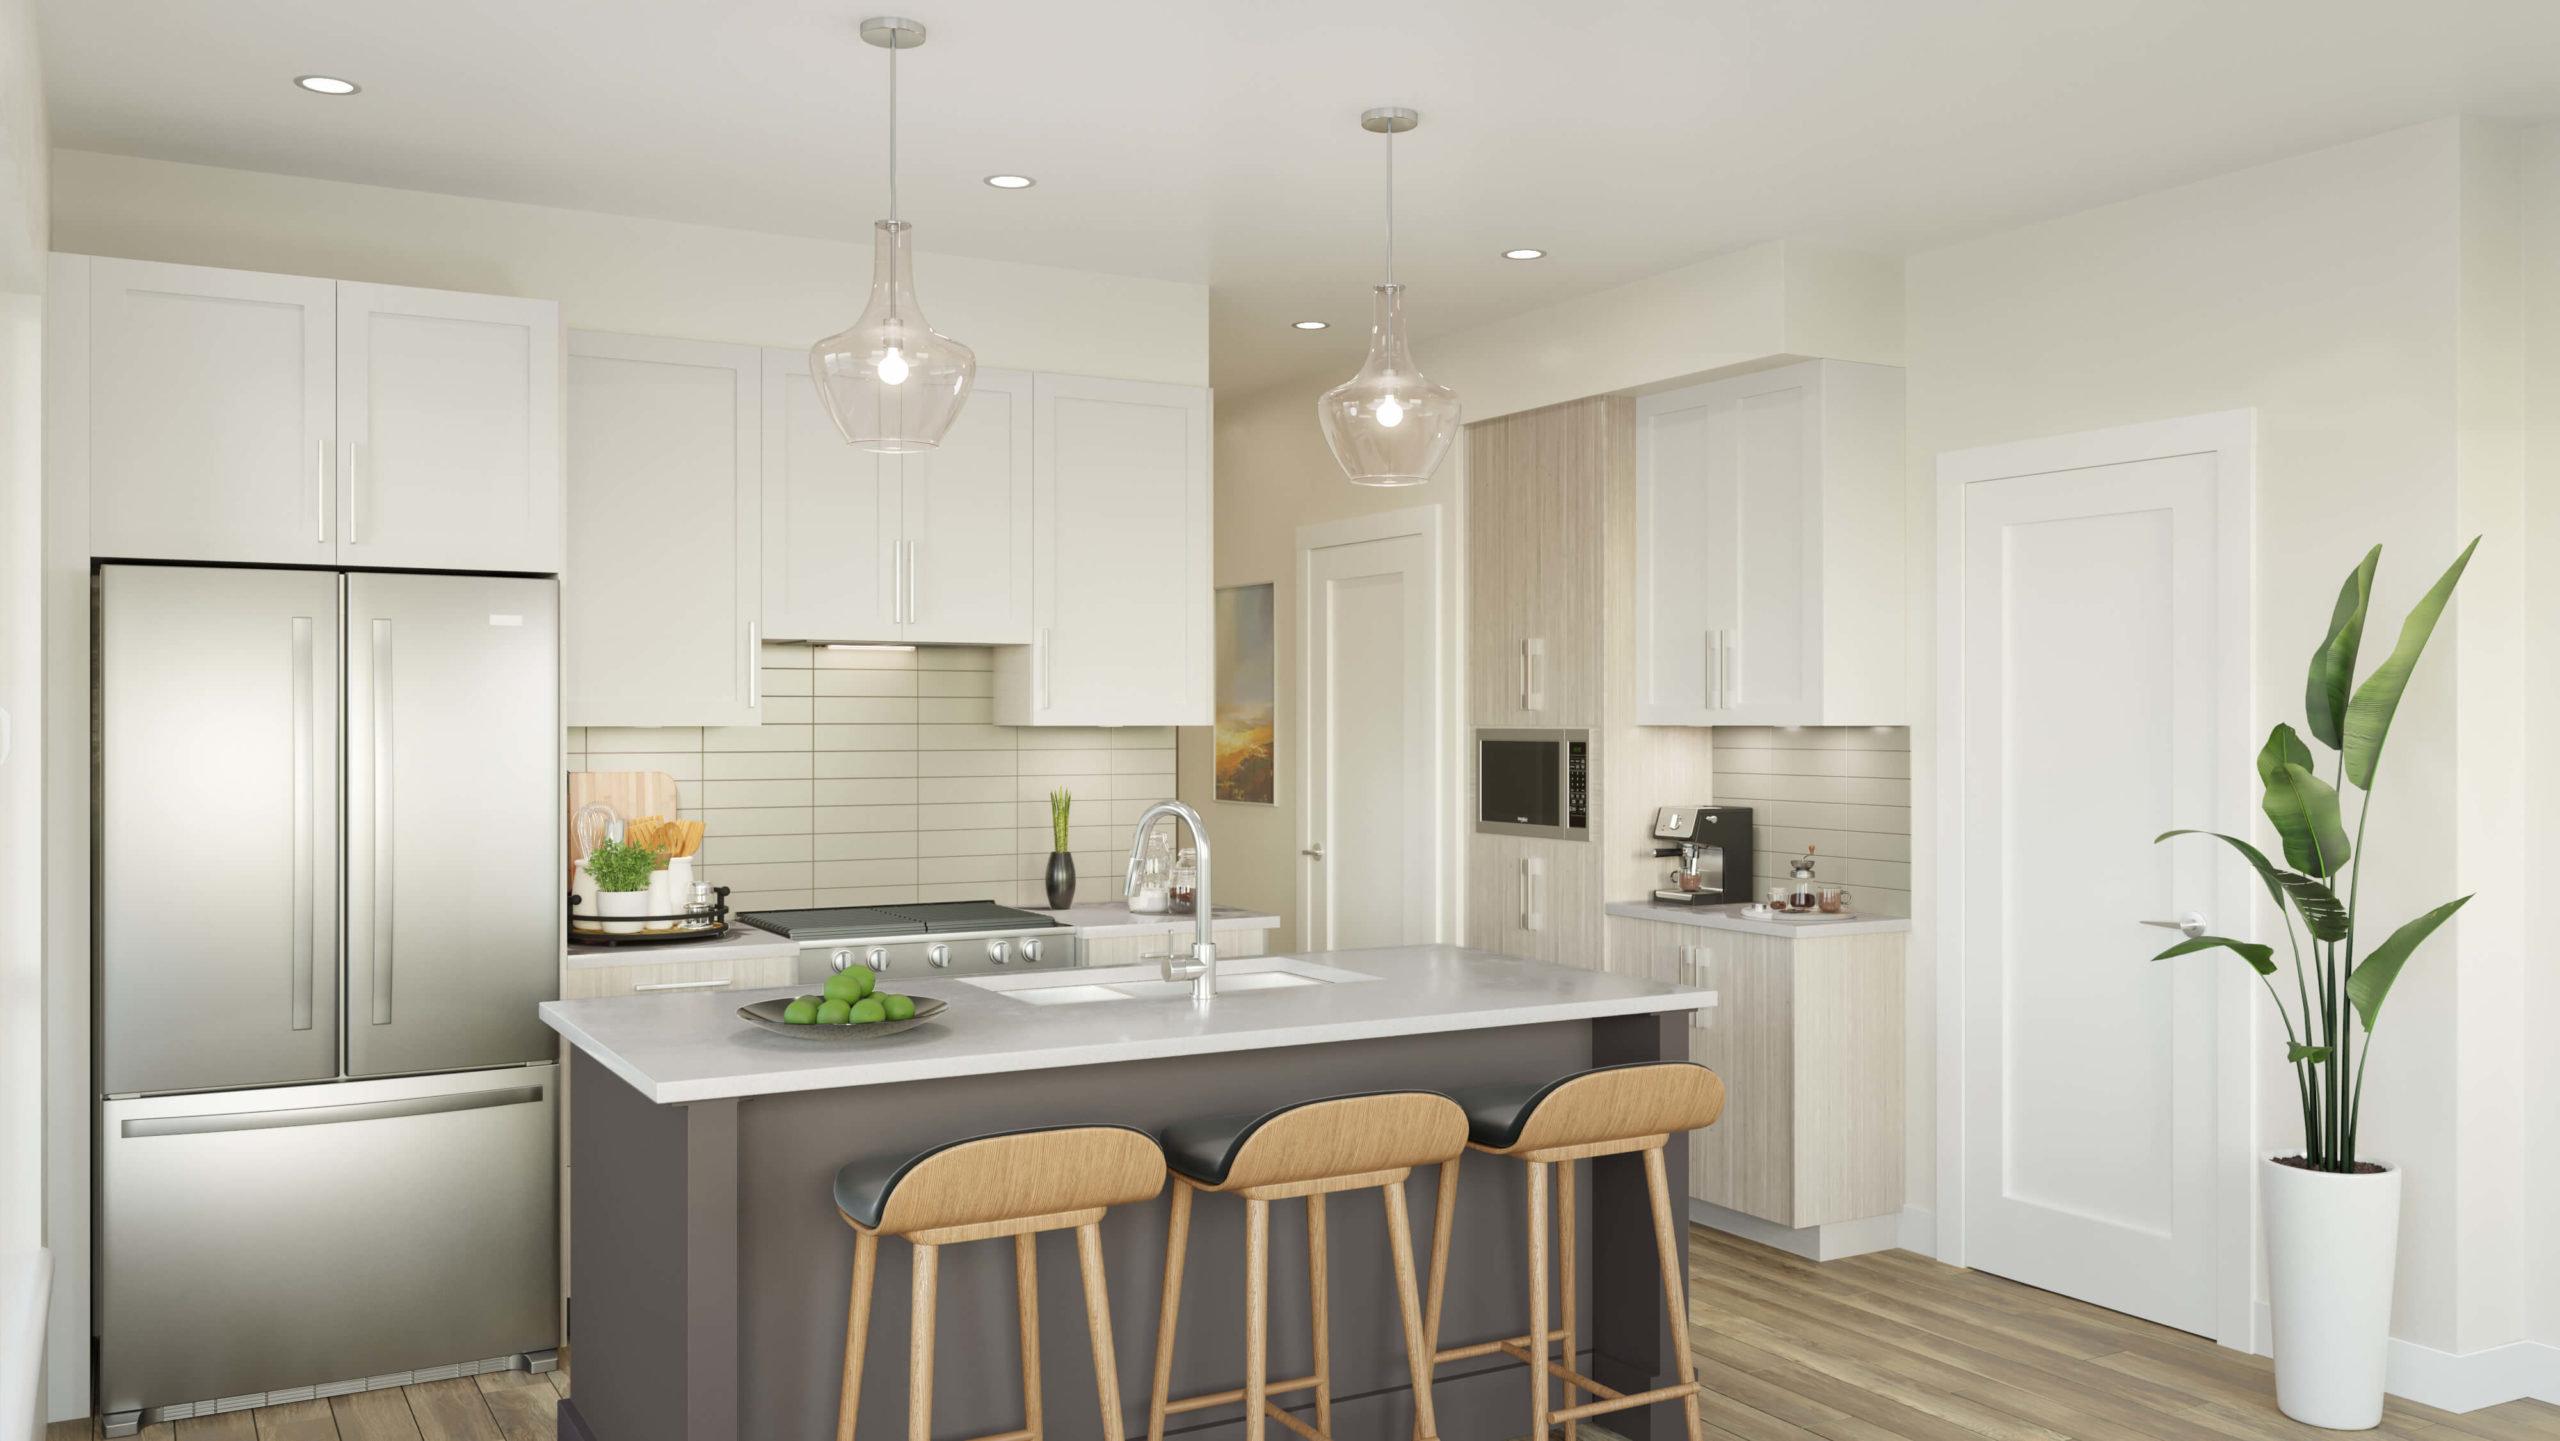 Kitchen - 32838 Ventura Ave, Abbotsford, BC V2S 6J3, Canada!